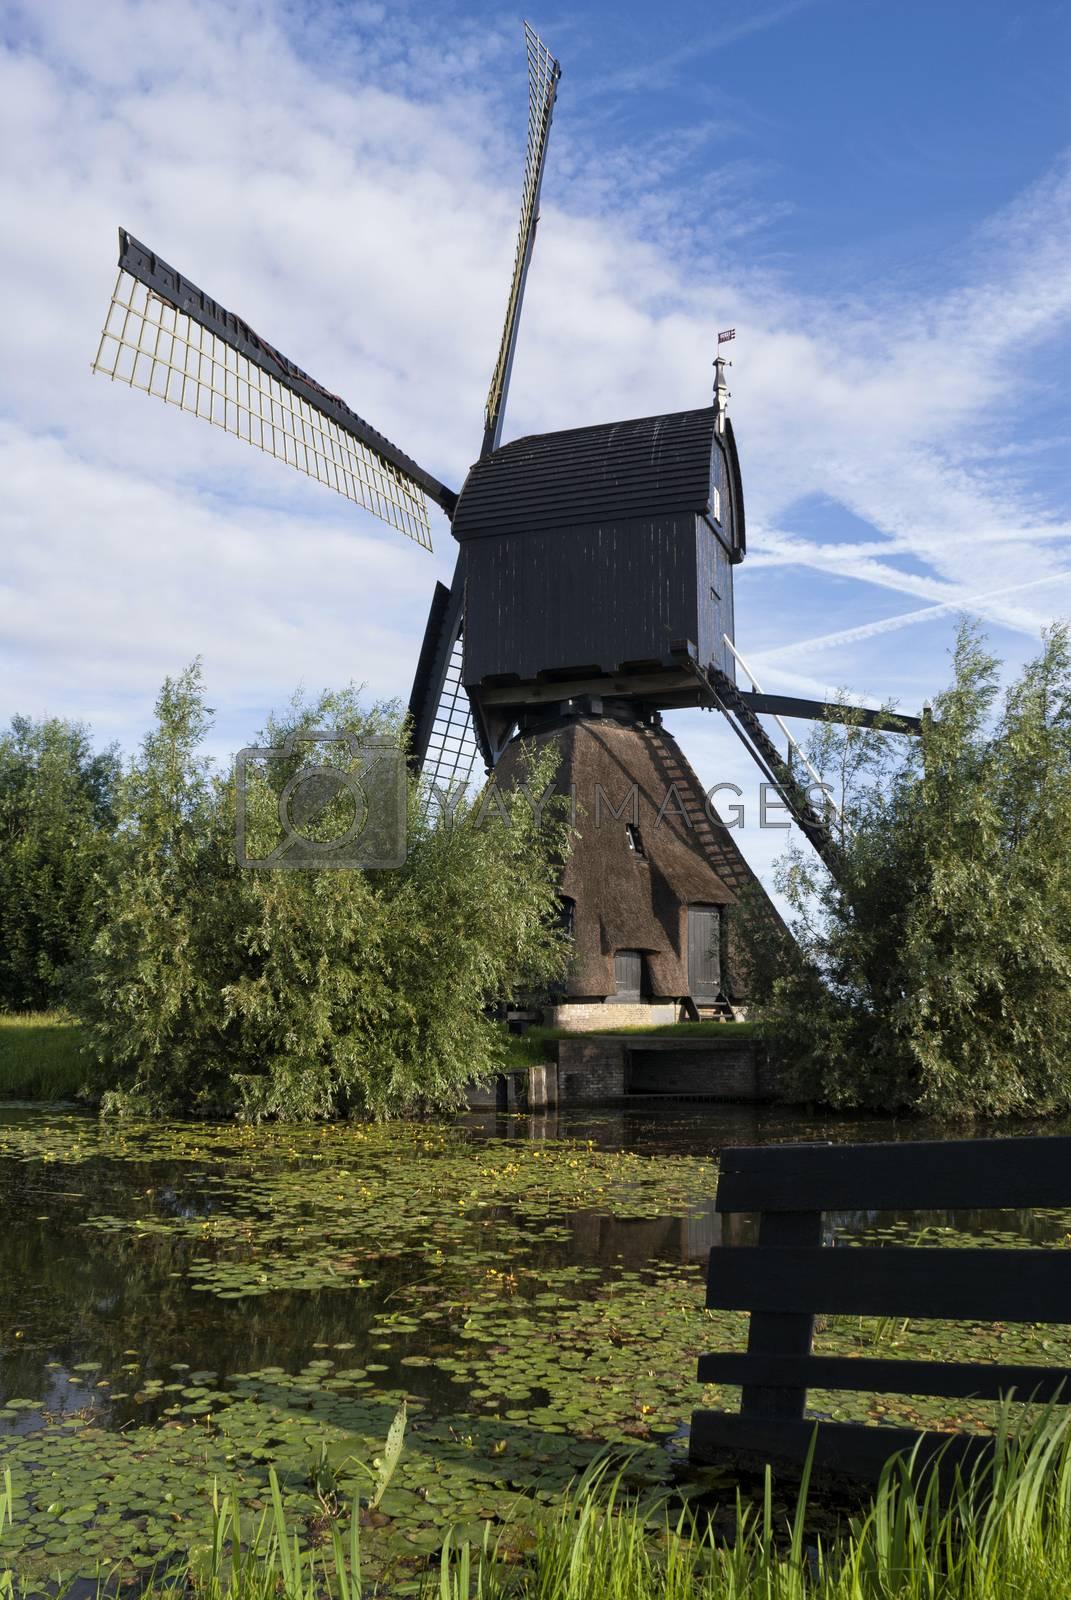 Noordeveldse mill near Dussen by jstuij